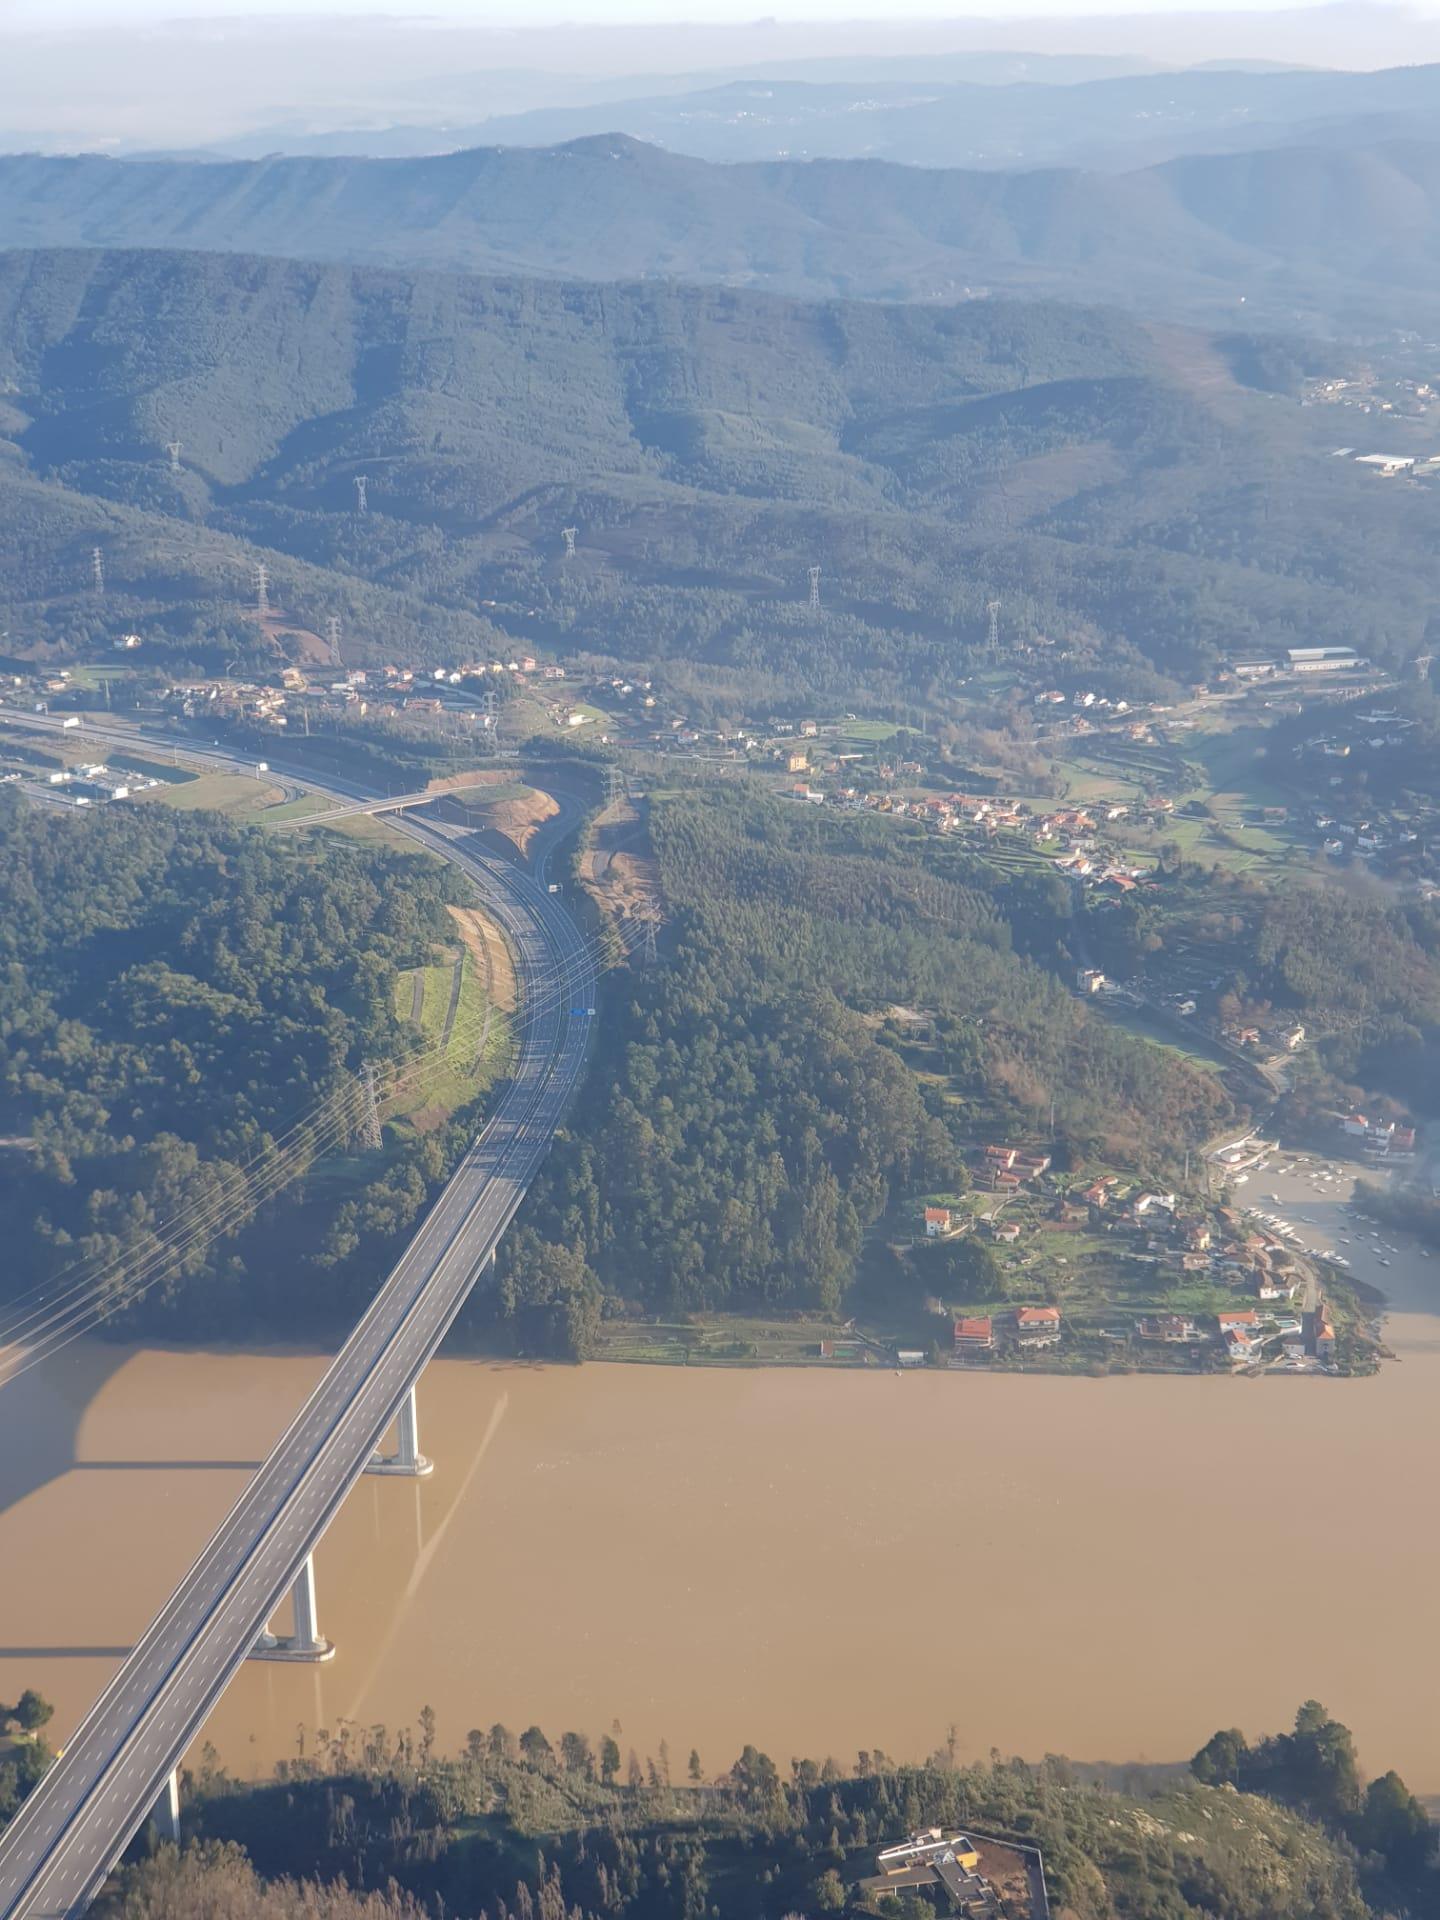 LM-Arquivo-Douro-Paiva-Foto-Aerea-ETA-Lever-054